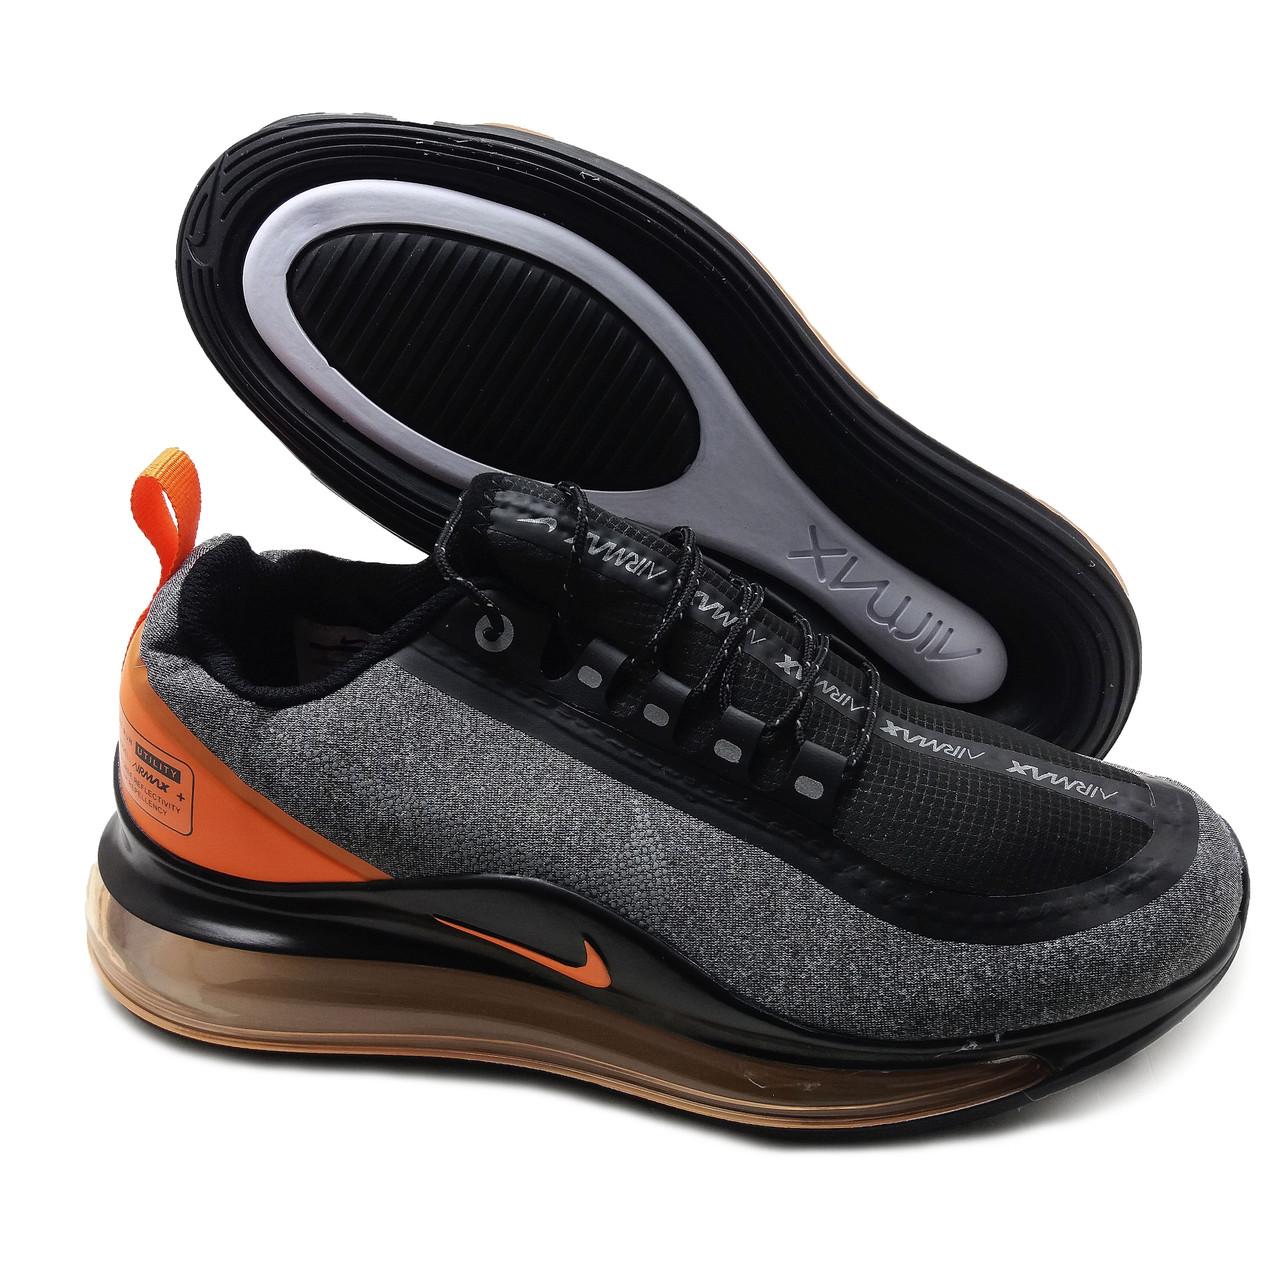 Кроссовки мужские на каждый день текстильный верх серые похожие на Nike Air Max Run